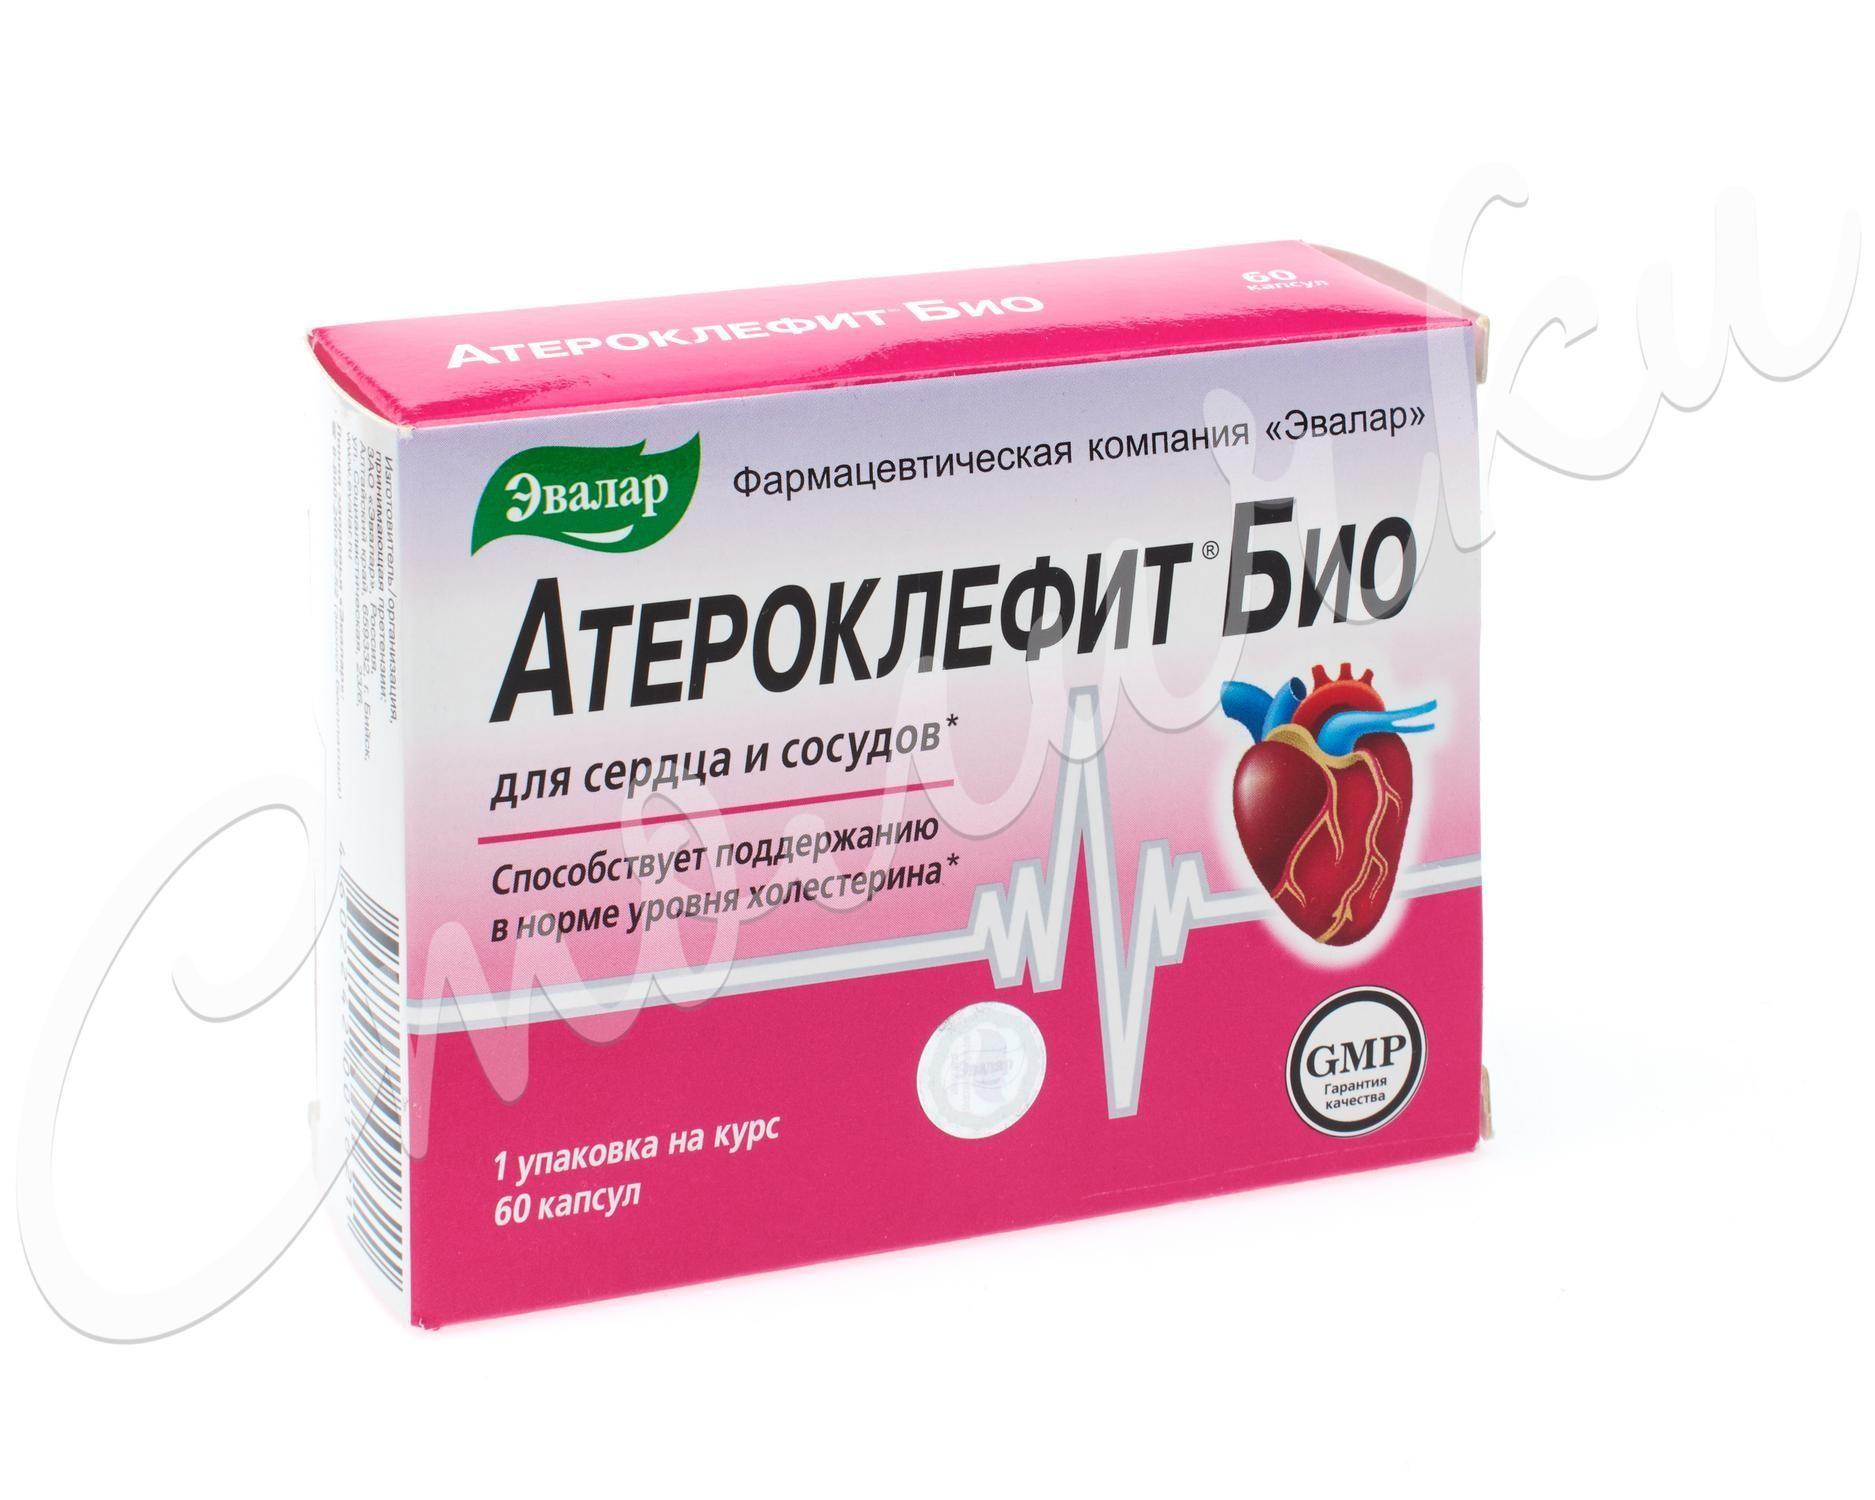 Атероклефит в капсулах и каплях - инструкция по применению, показания, состав, побочные эффекты и аналоги